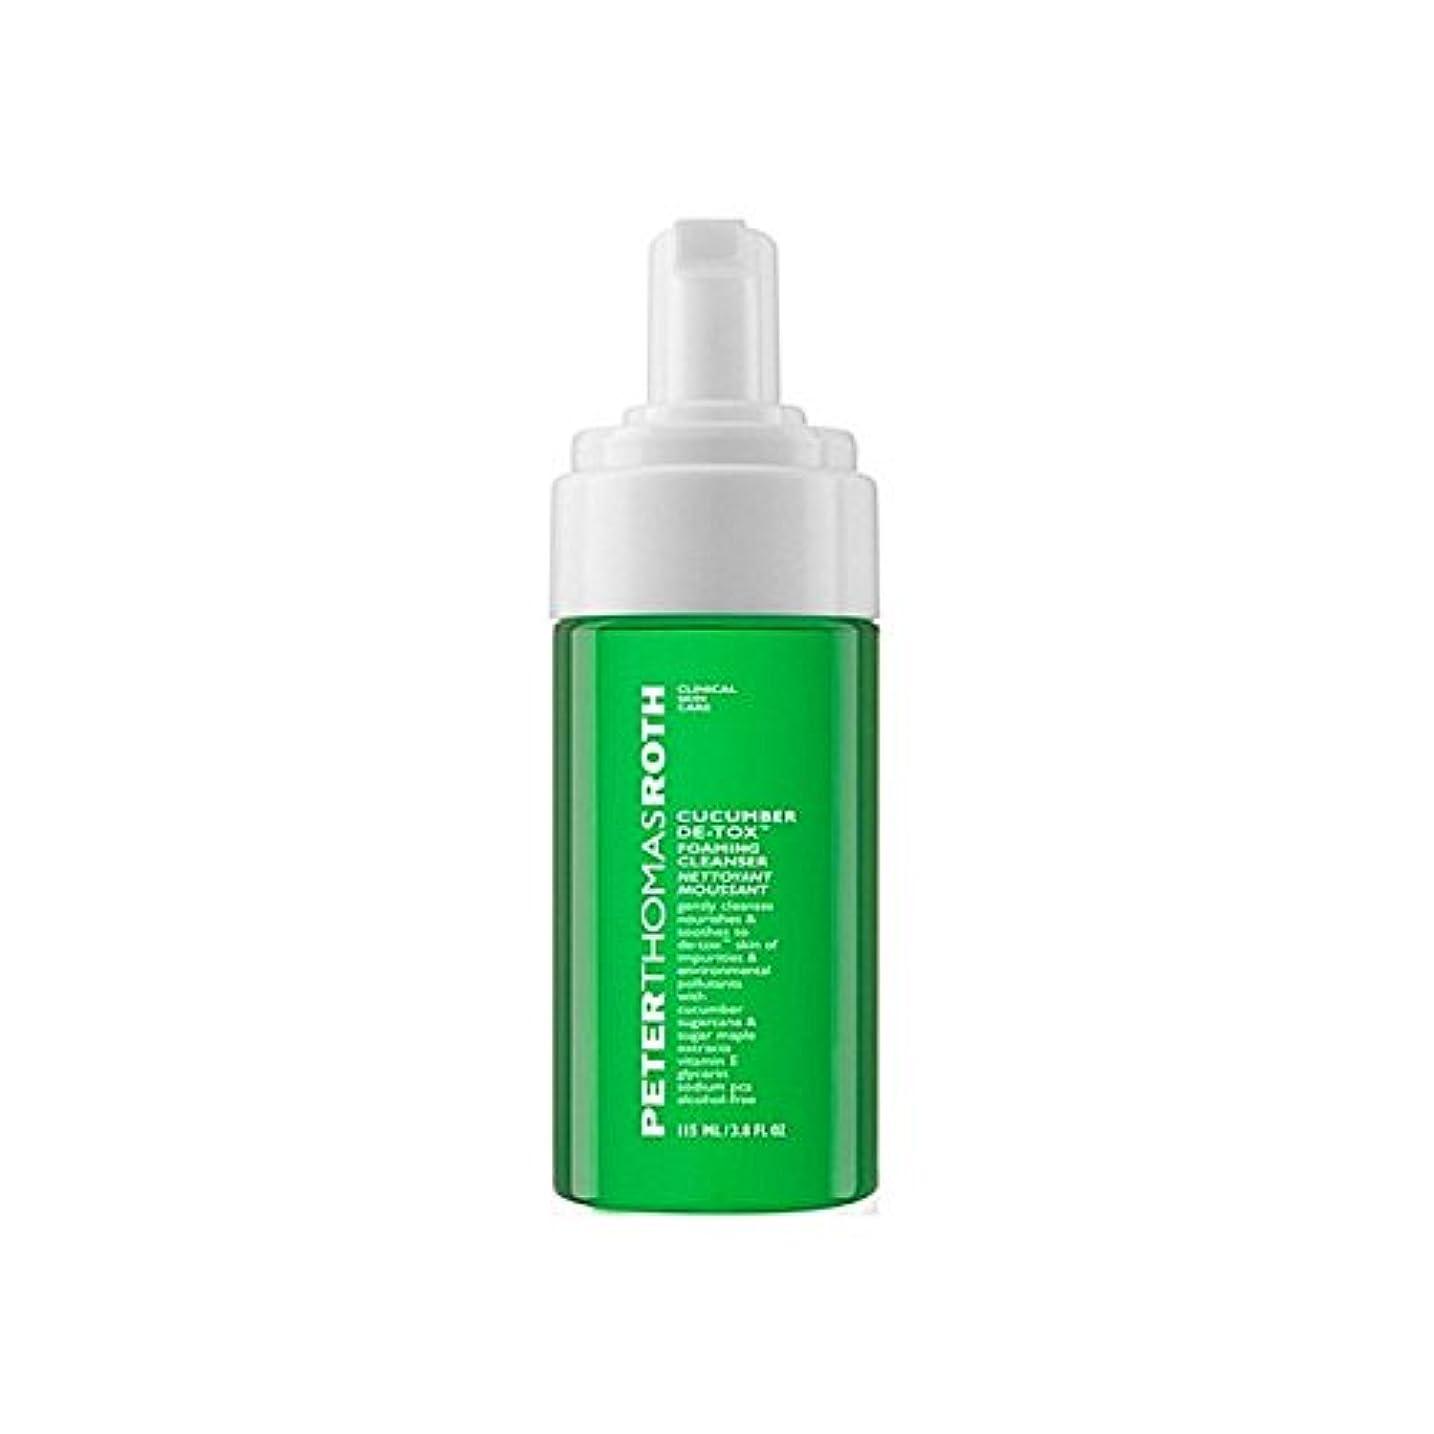 カフェメアリアンジョーンズスイス人ピータートーマスロスキュウリデ発泡クレンザー x4 - Peter Thomas Roth Cucumber De-Tox Foaming Cleanser (Pack of 4) [並行輸入品]